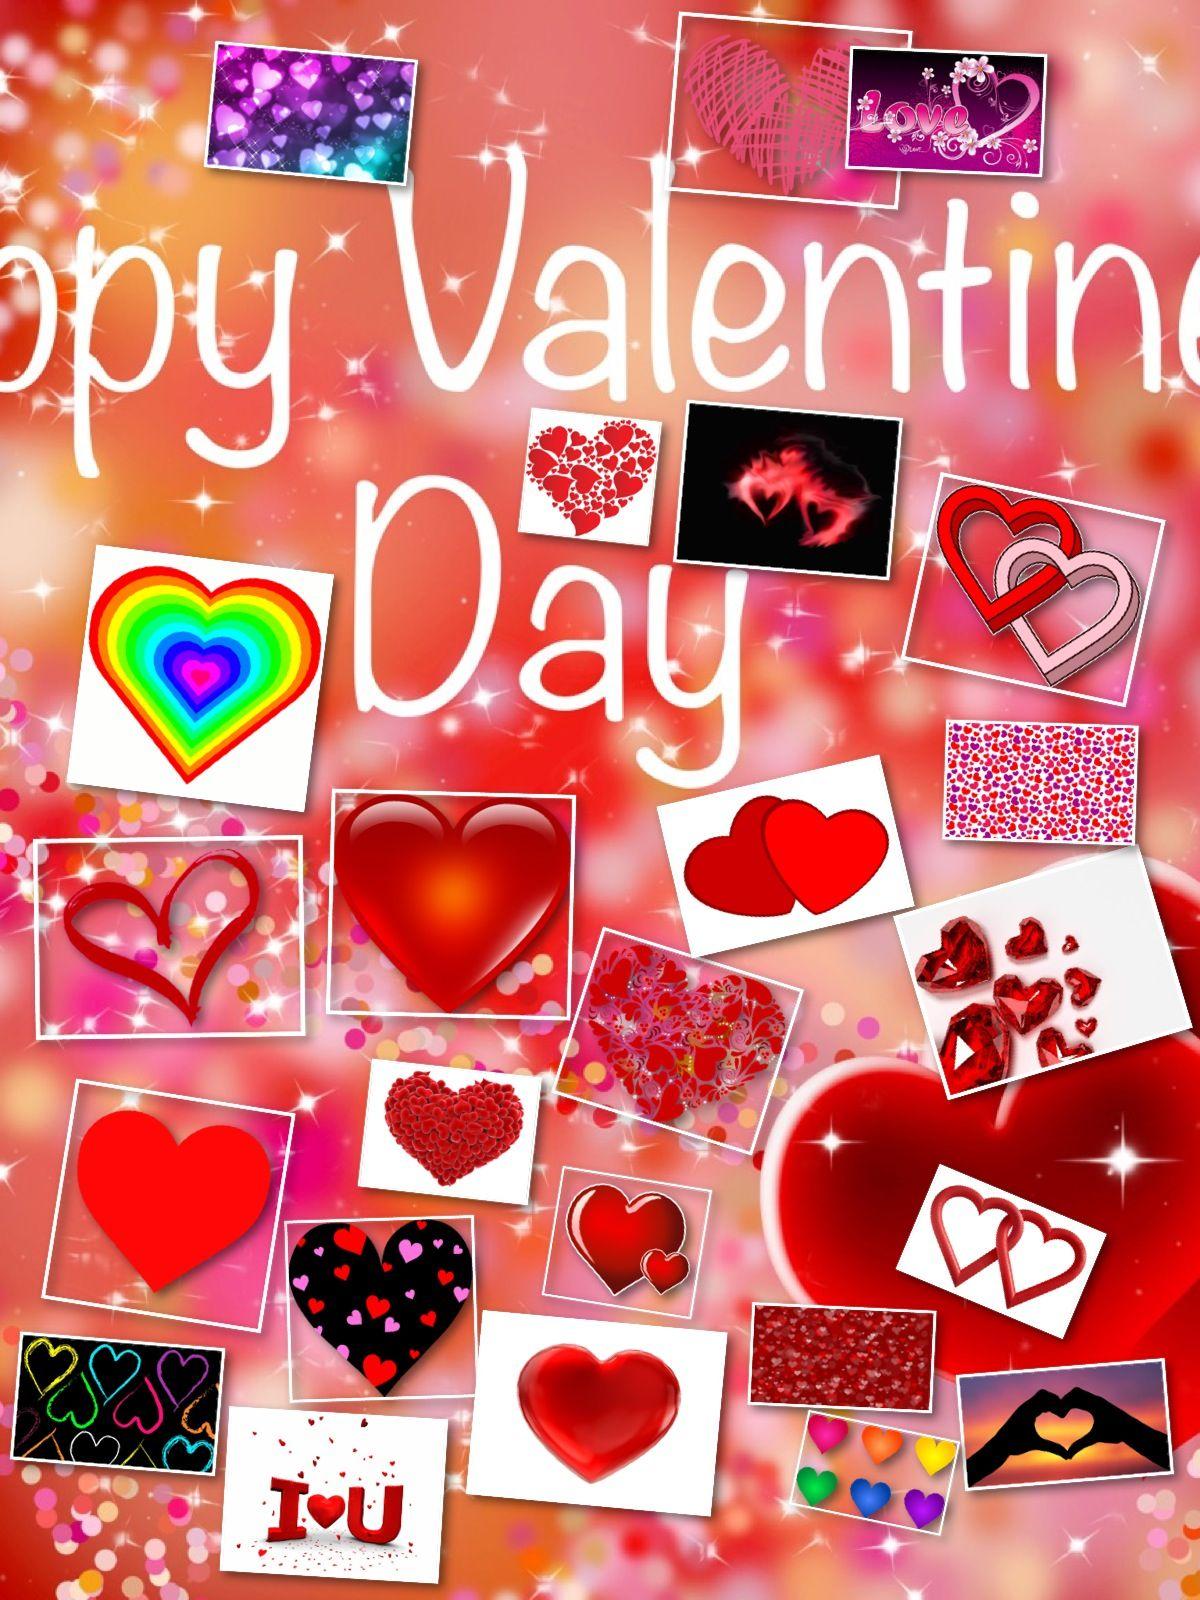 Happy Valentines Day !!!